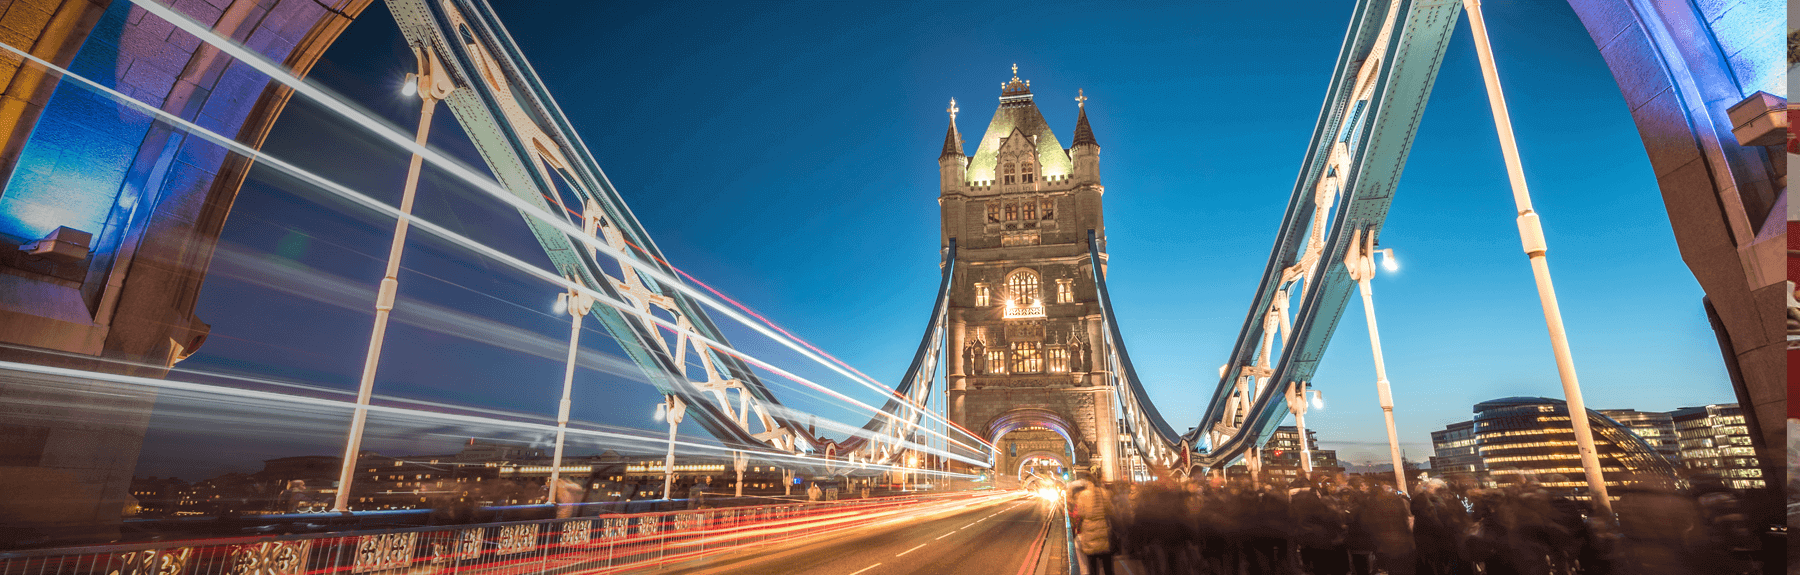 Justinmind-at-Mobile-UX-London-2016-1